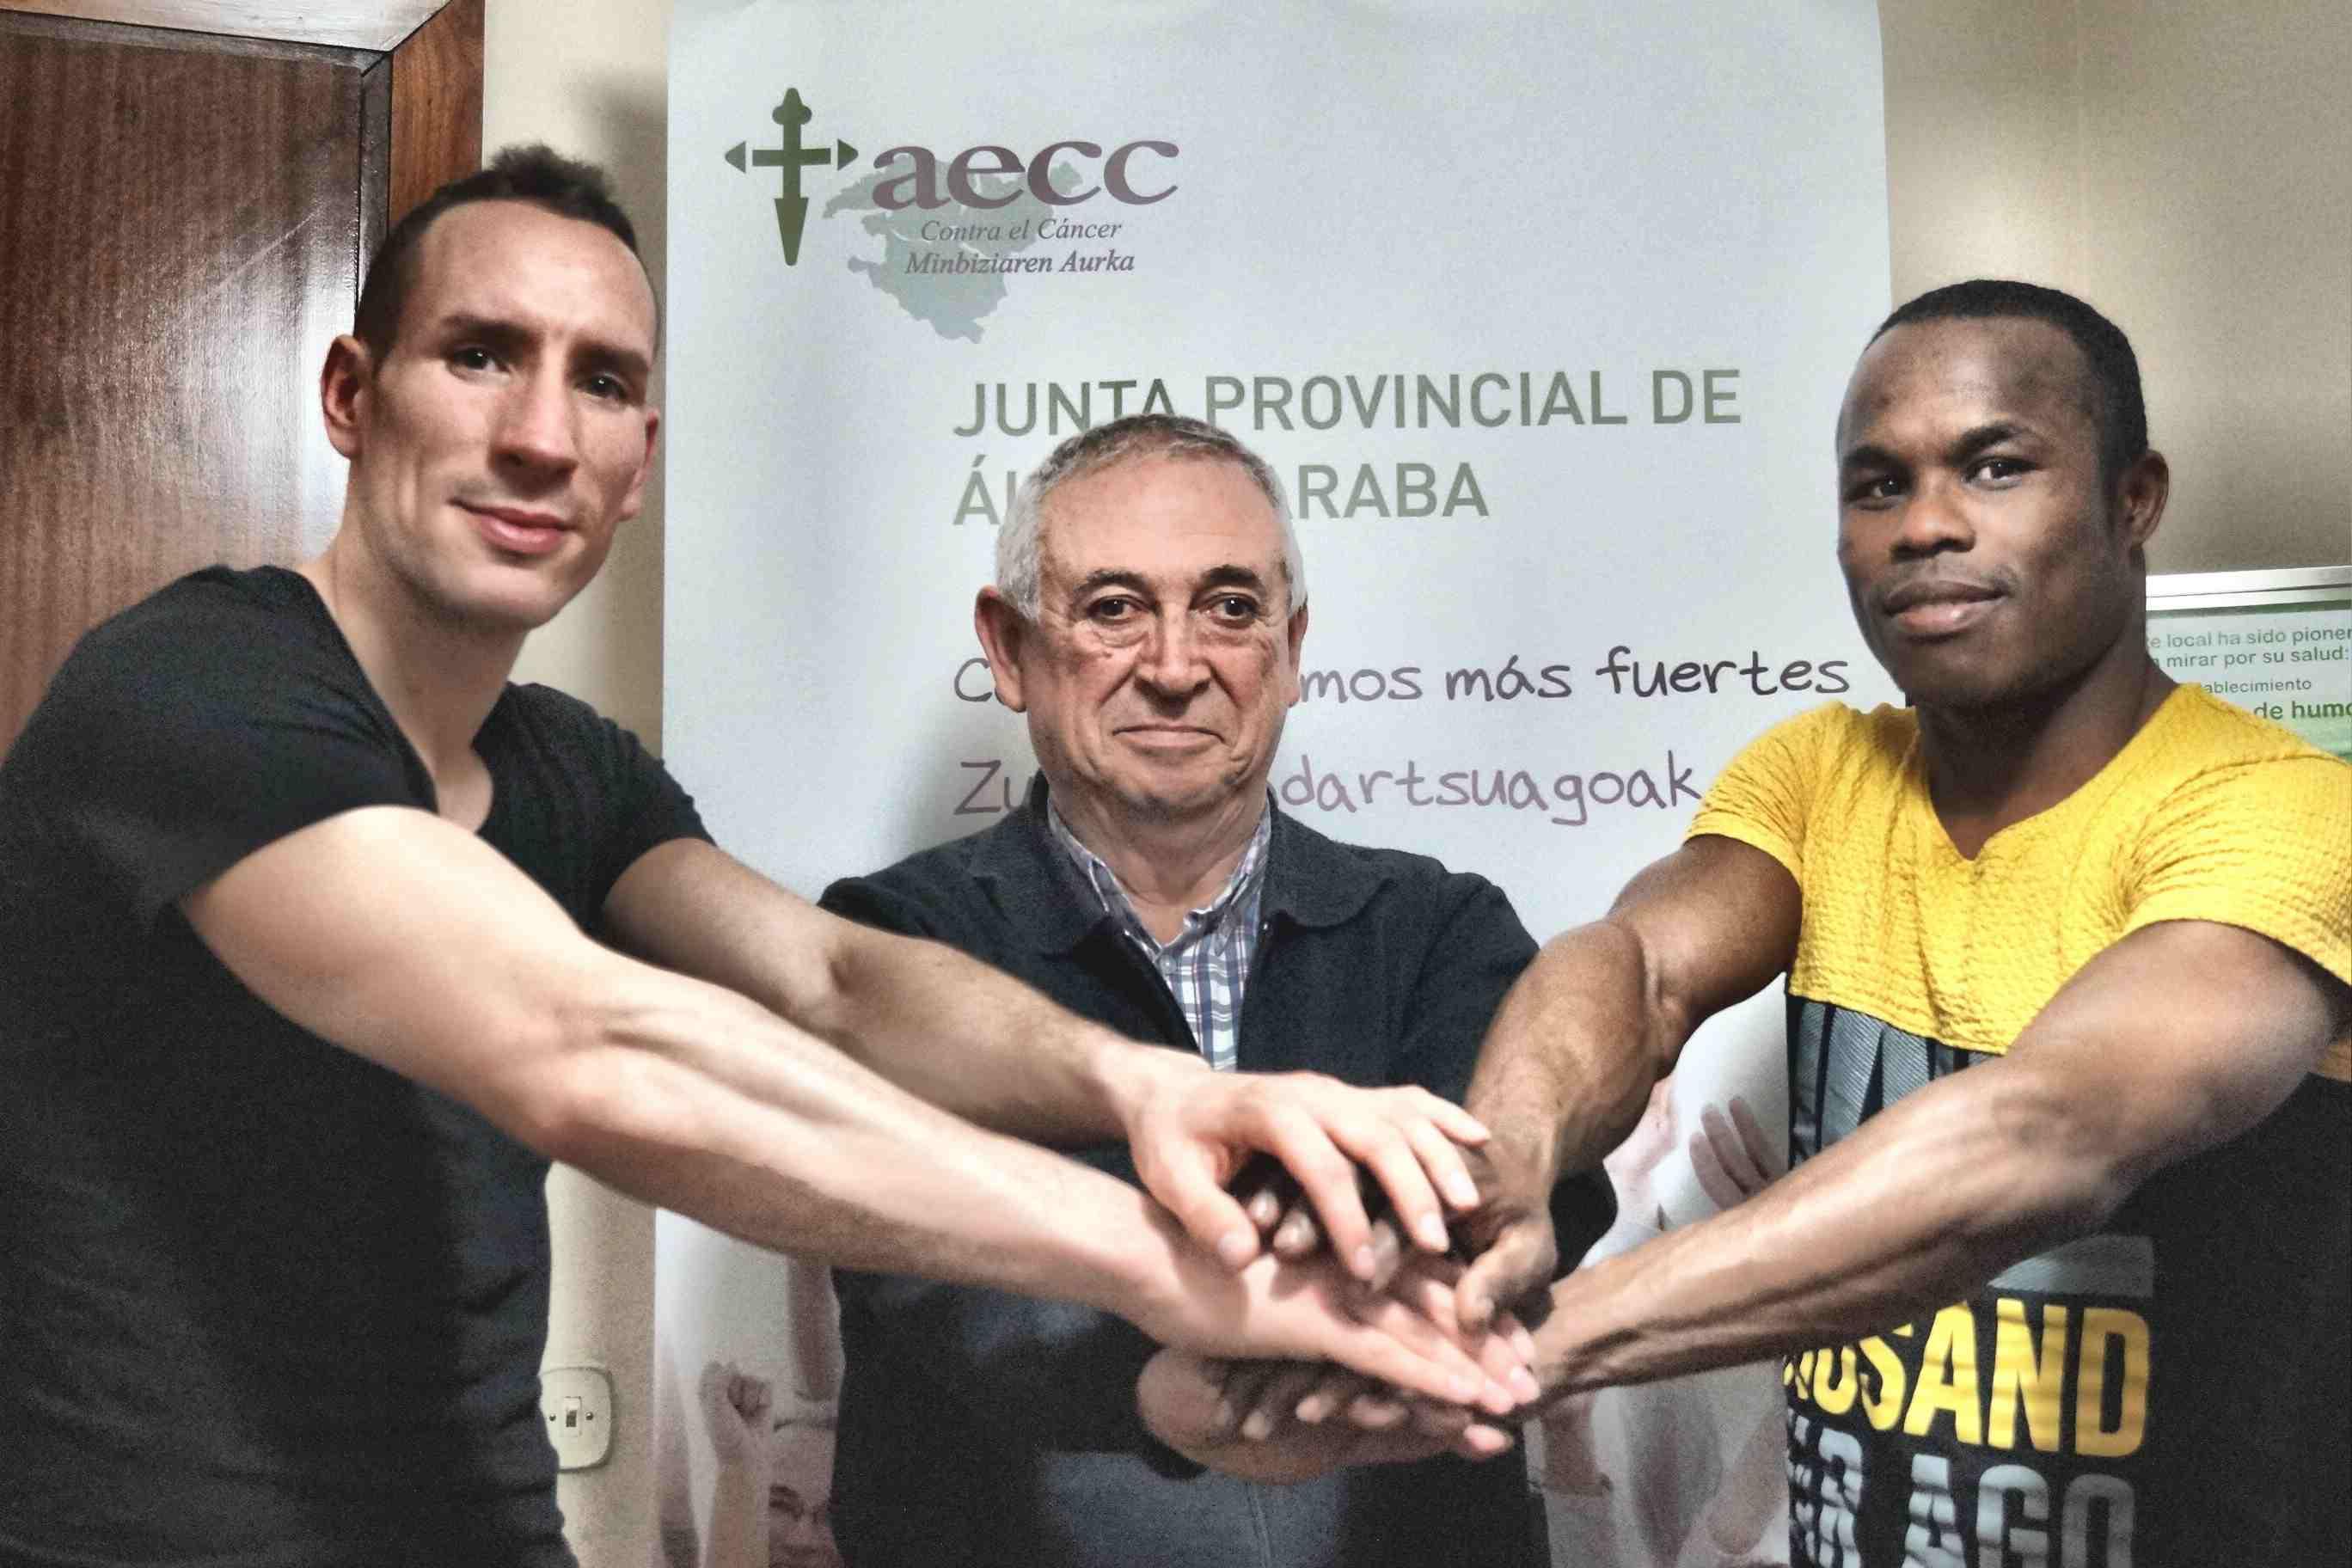 El luchador Sergio Sánchez, el señor Alfredo Ibisate, de la junta de la Asociación Contra el Cáncer de Vitoria-Gasteiz, y el boxeador nacho Mendoza